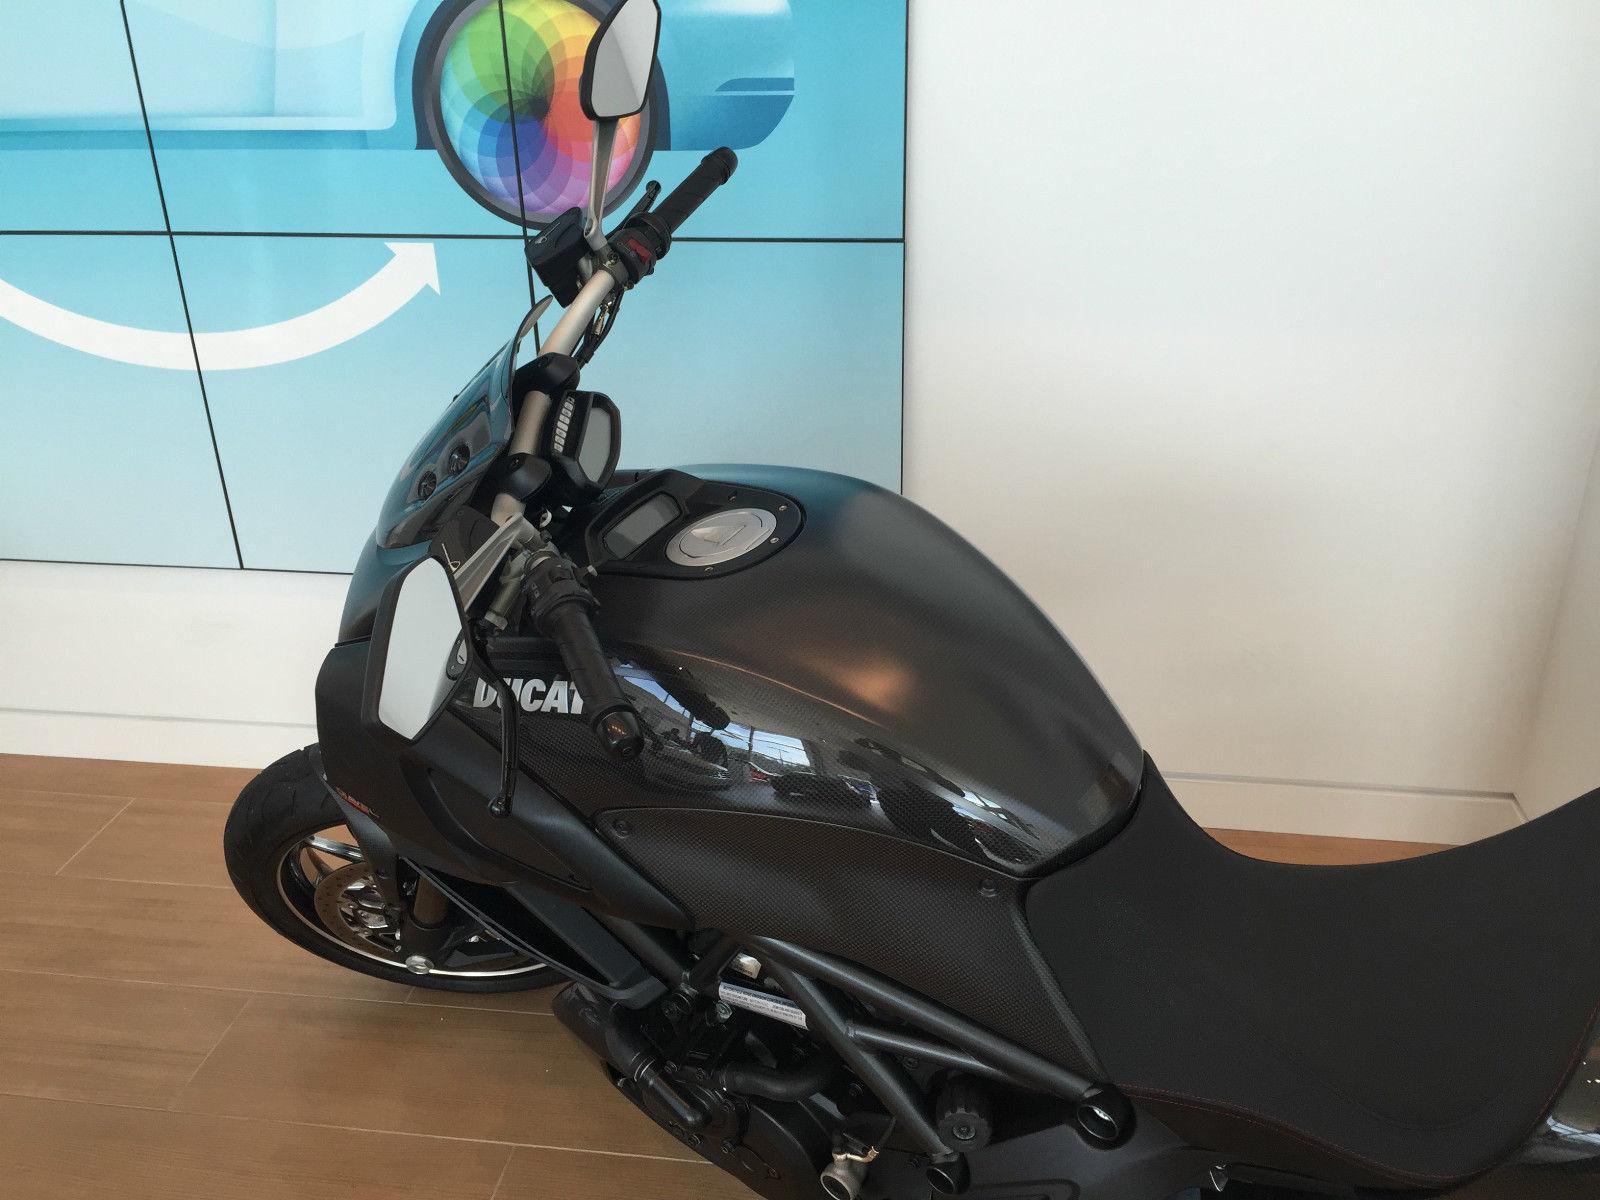 2012 Ducati Diavel Carbon 2 019 Miles